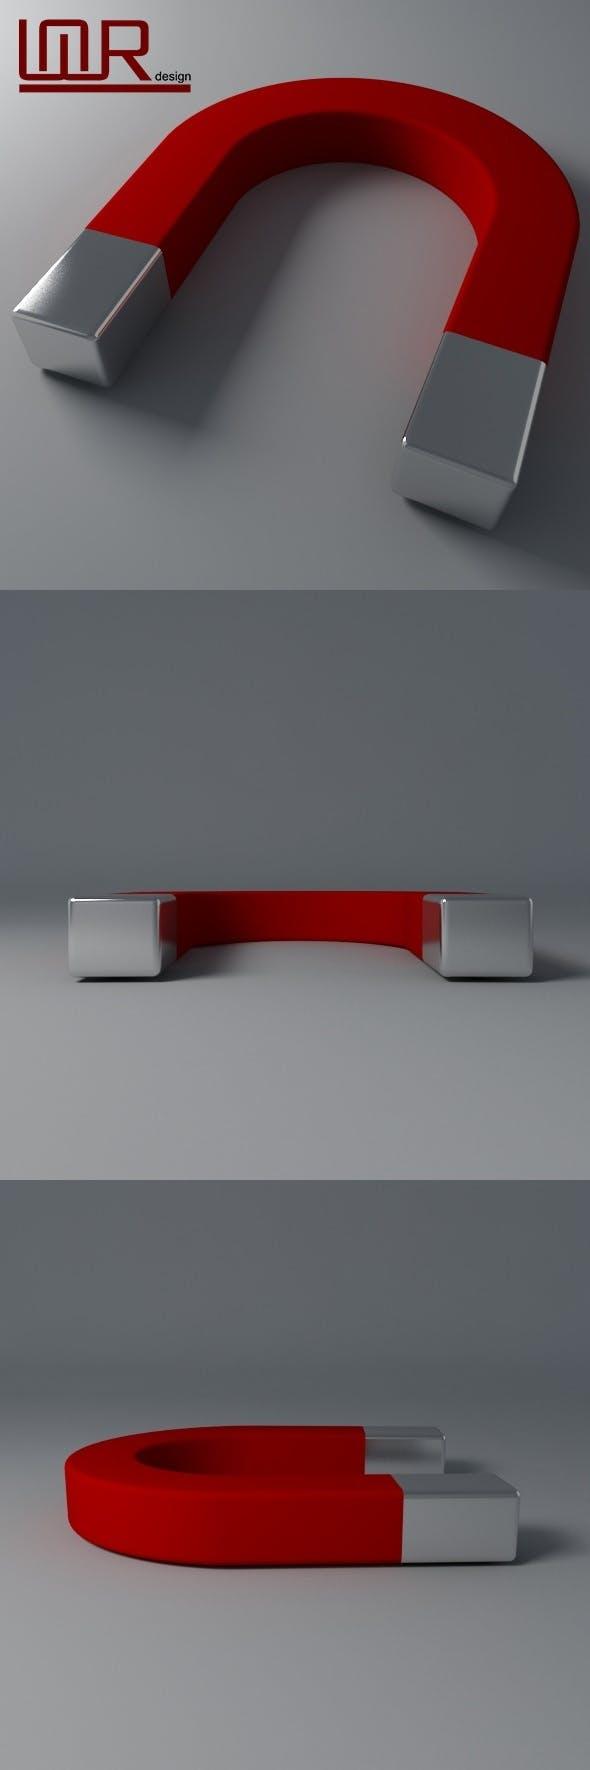 Magnet - 3DOcean Item for Sale